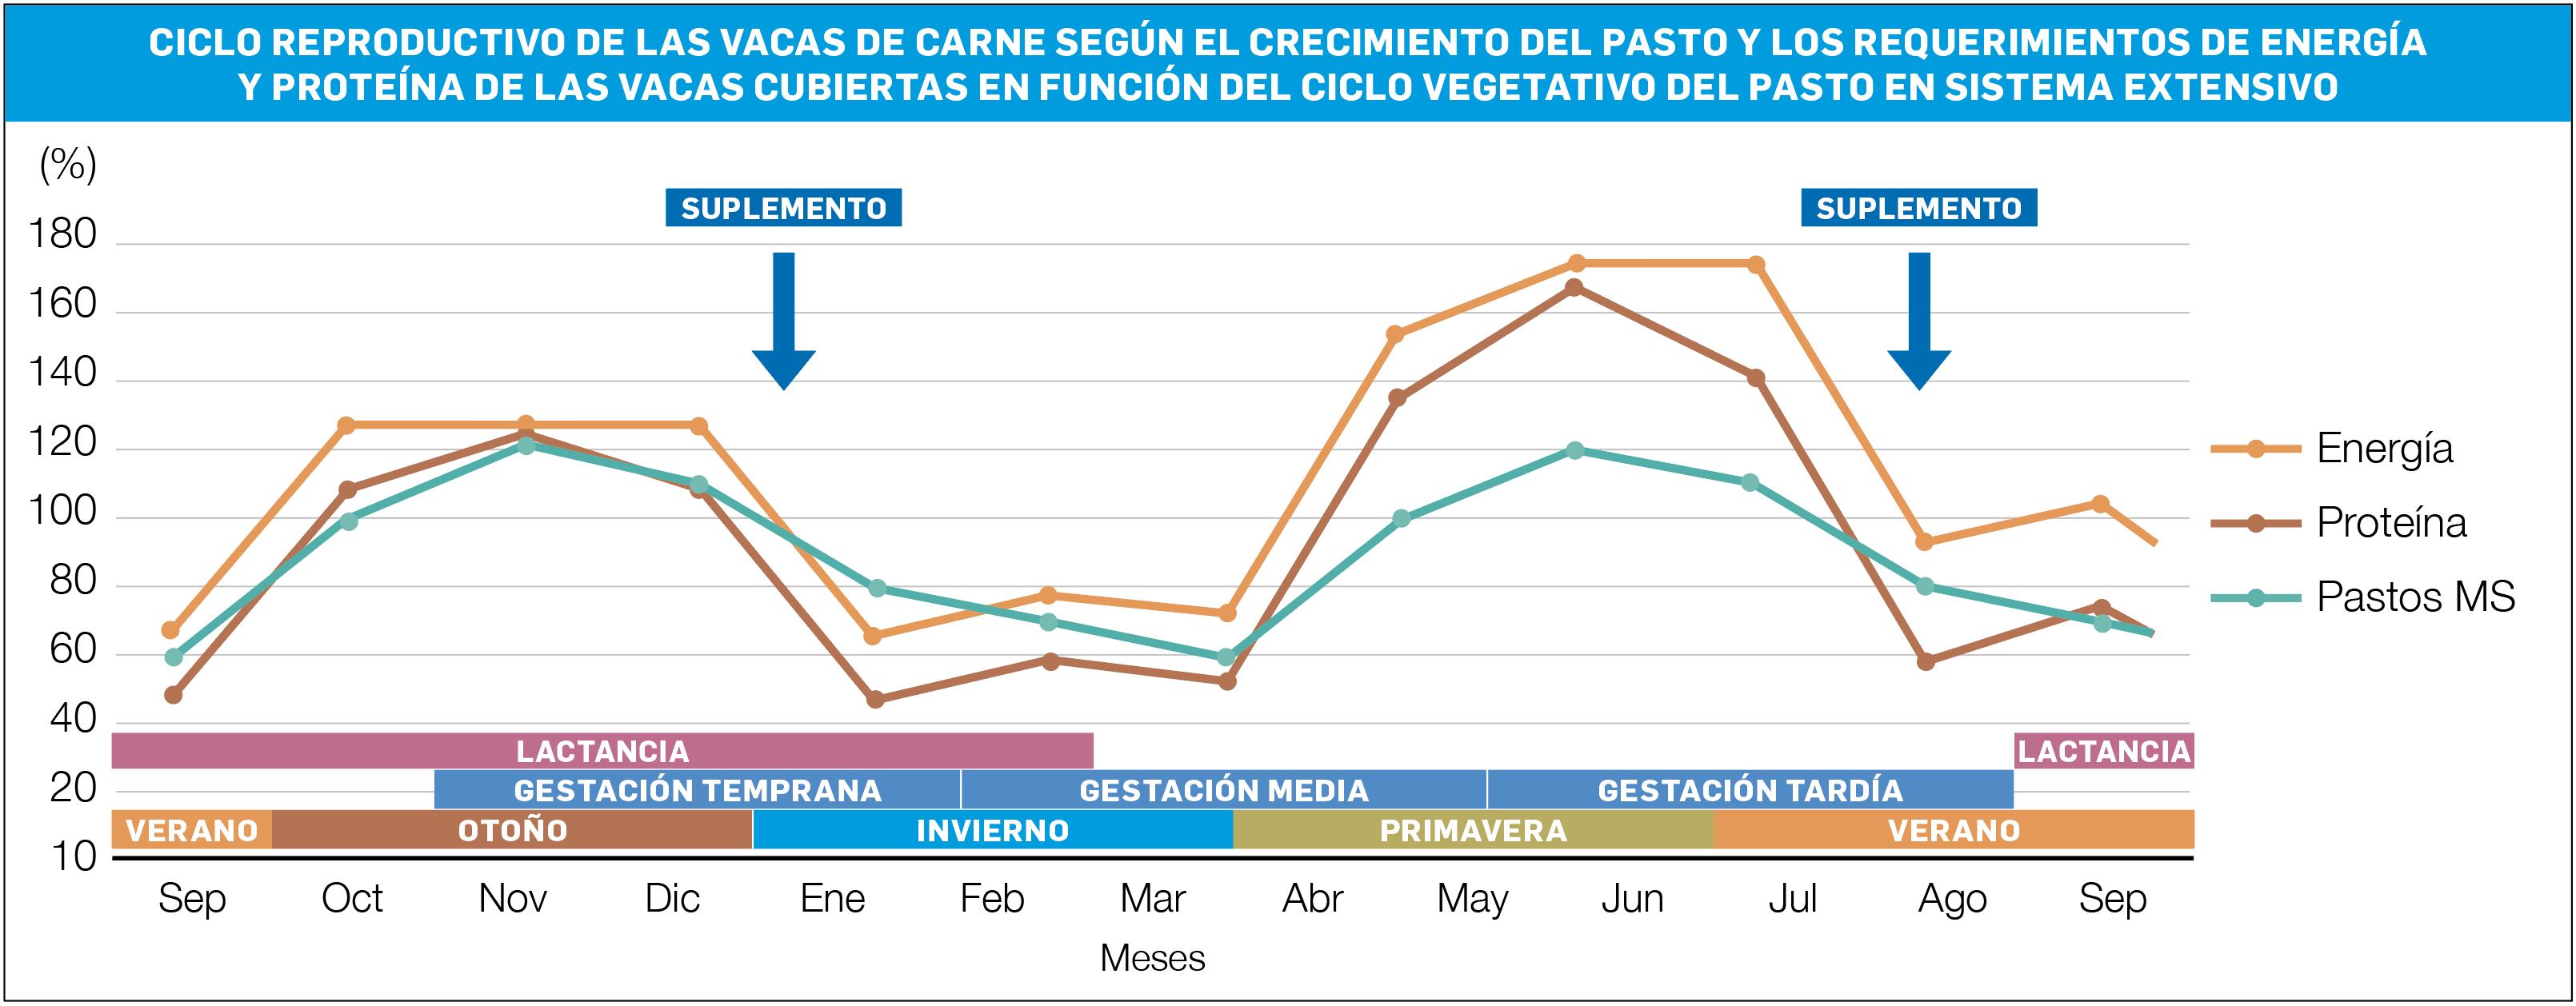 Gráfico 2 CG CICLO REPRODUCTIVO DE HEUS